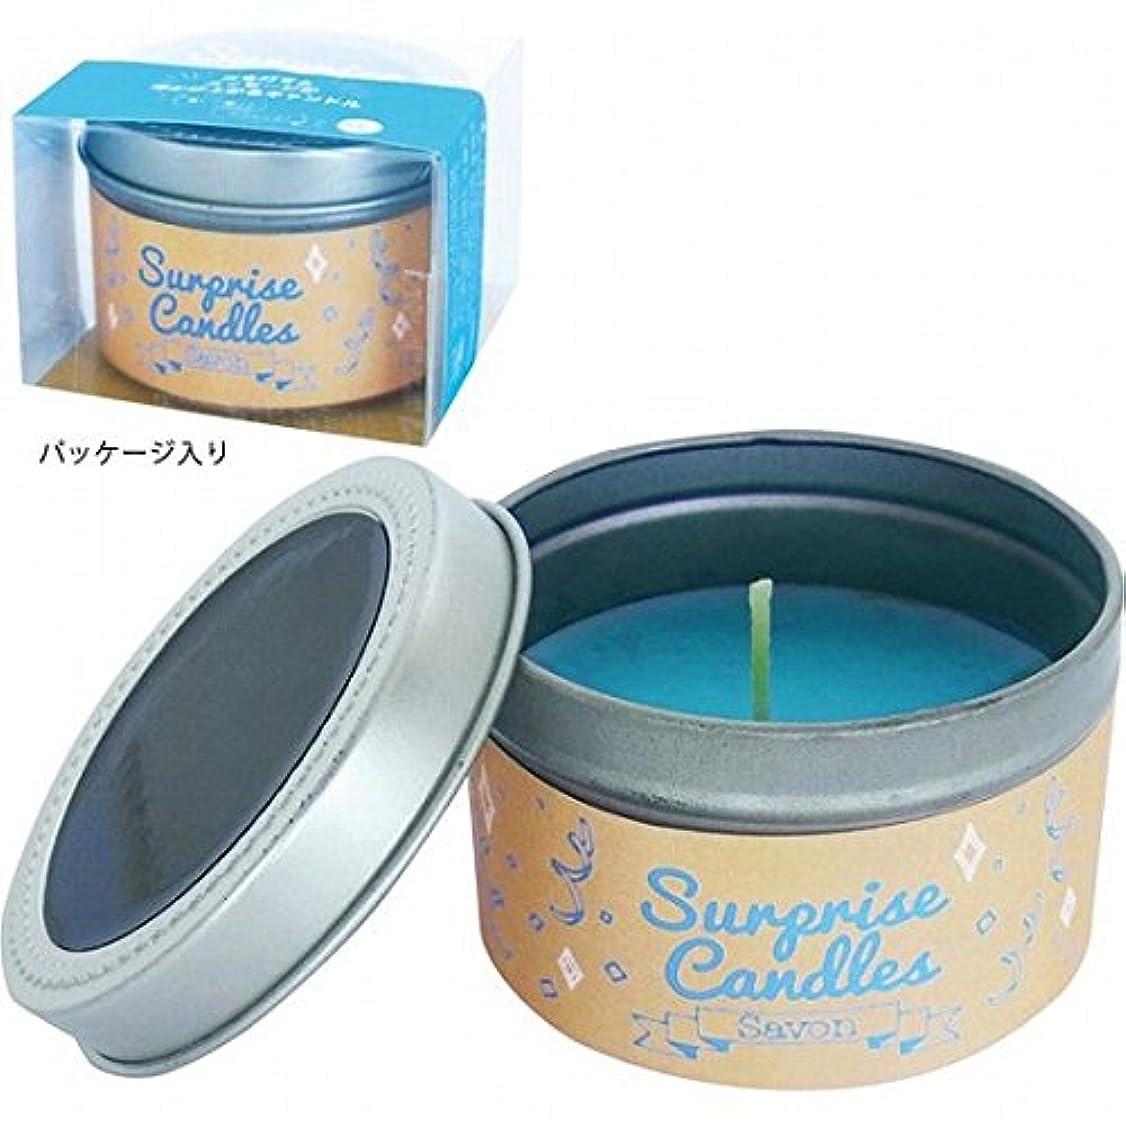 世界的に塩複雑なkameyama candle(カメヤマキャンドル) サプライズキャンドル 「サボン」(A207005030)